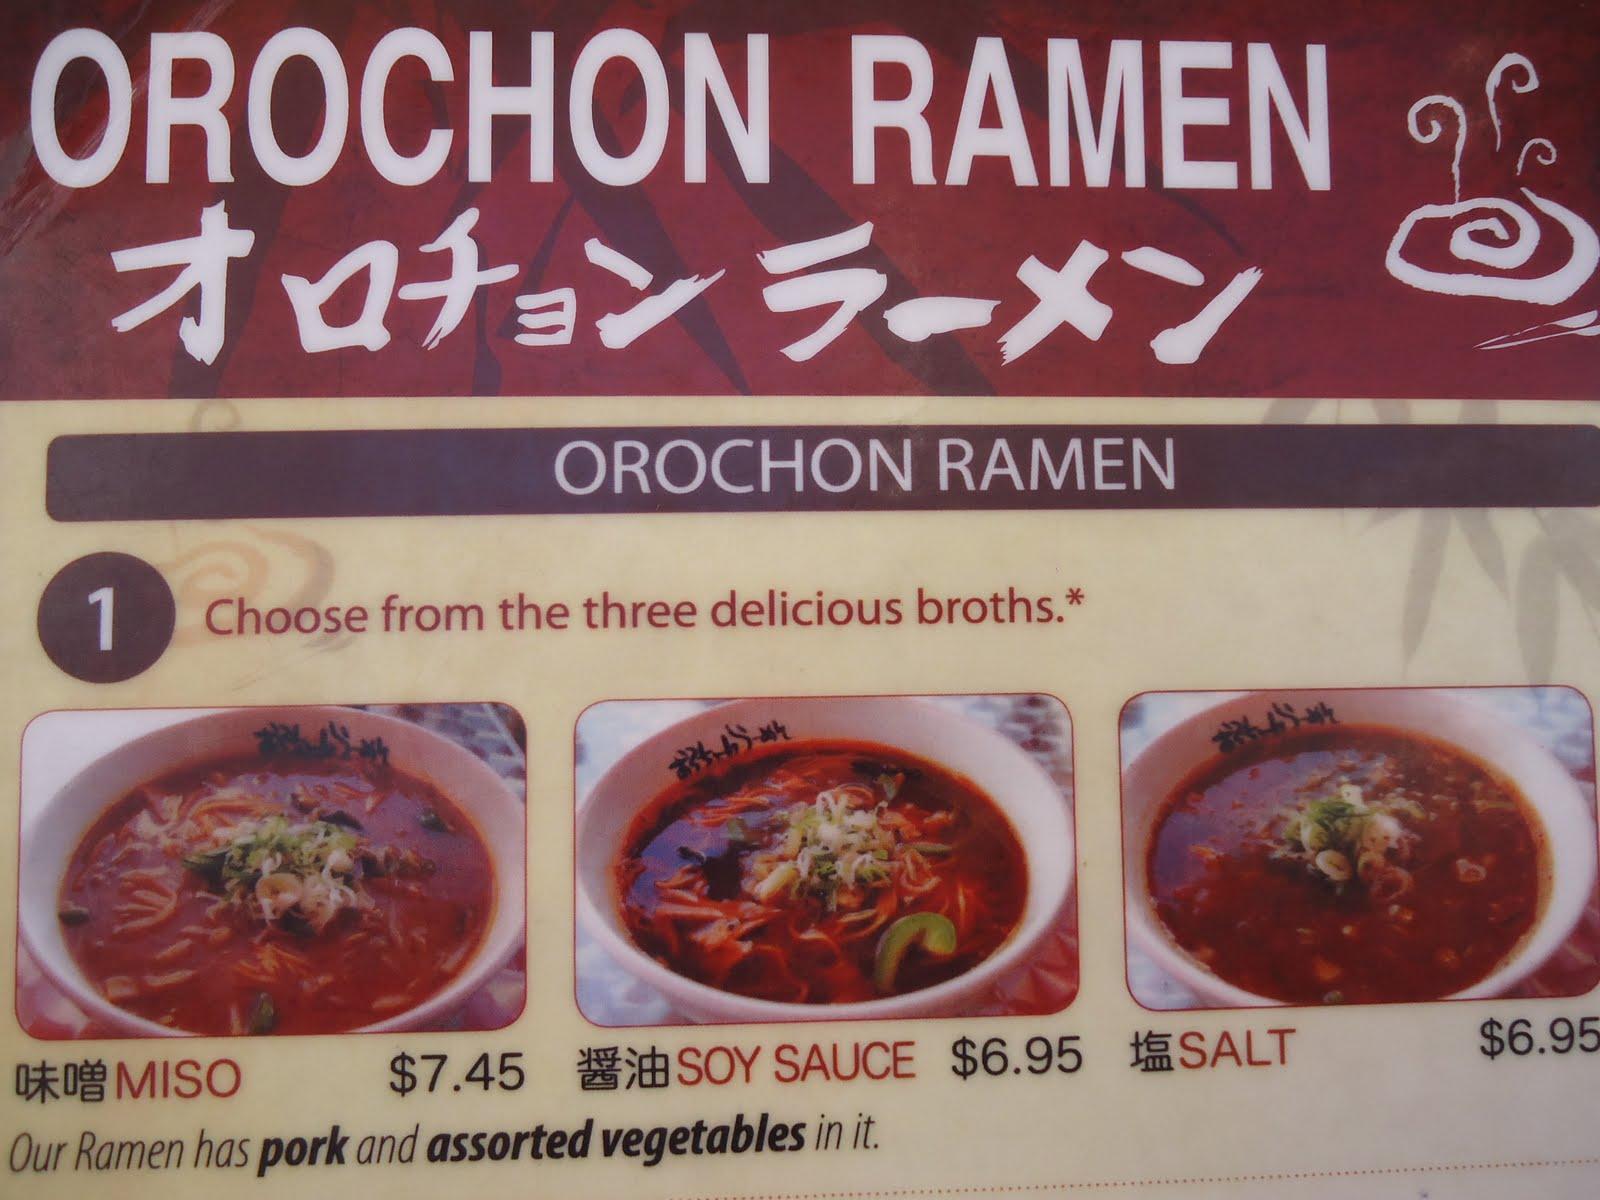 Casa Baluarte Filipino Recipes Orochon Ramen in Los Angeles